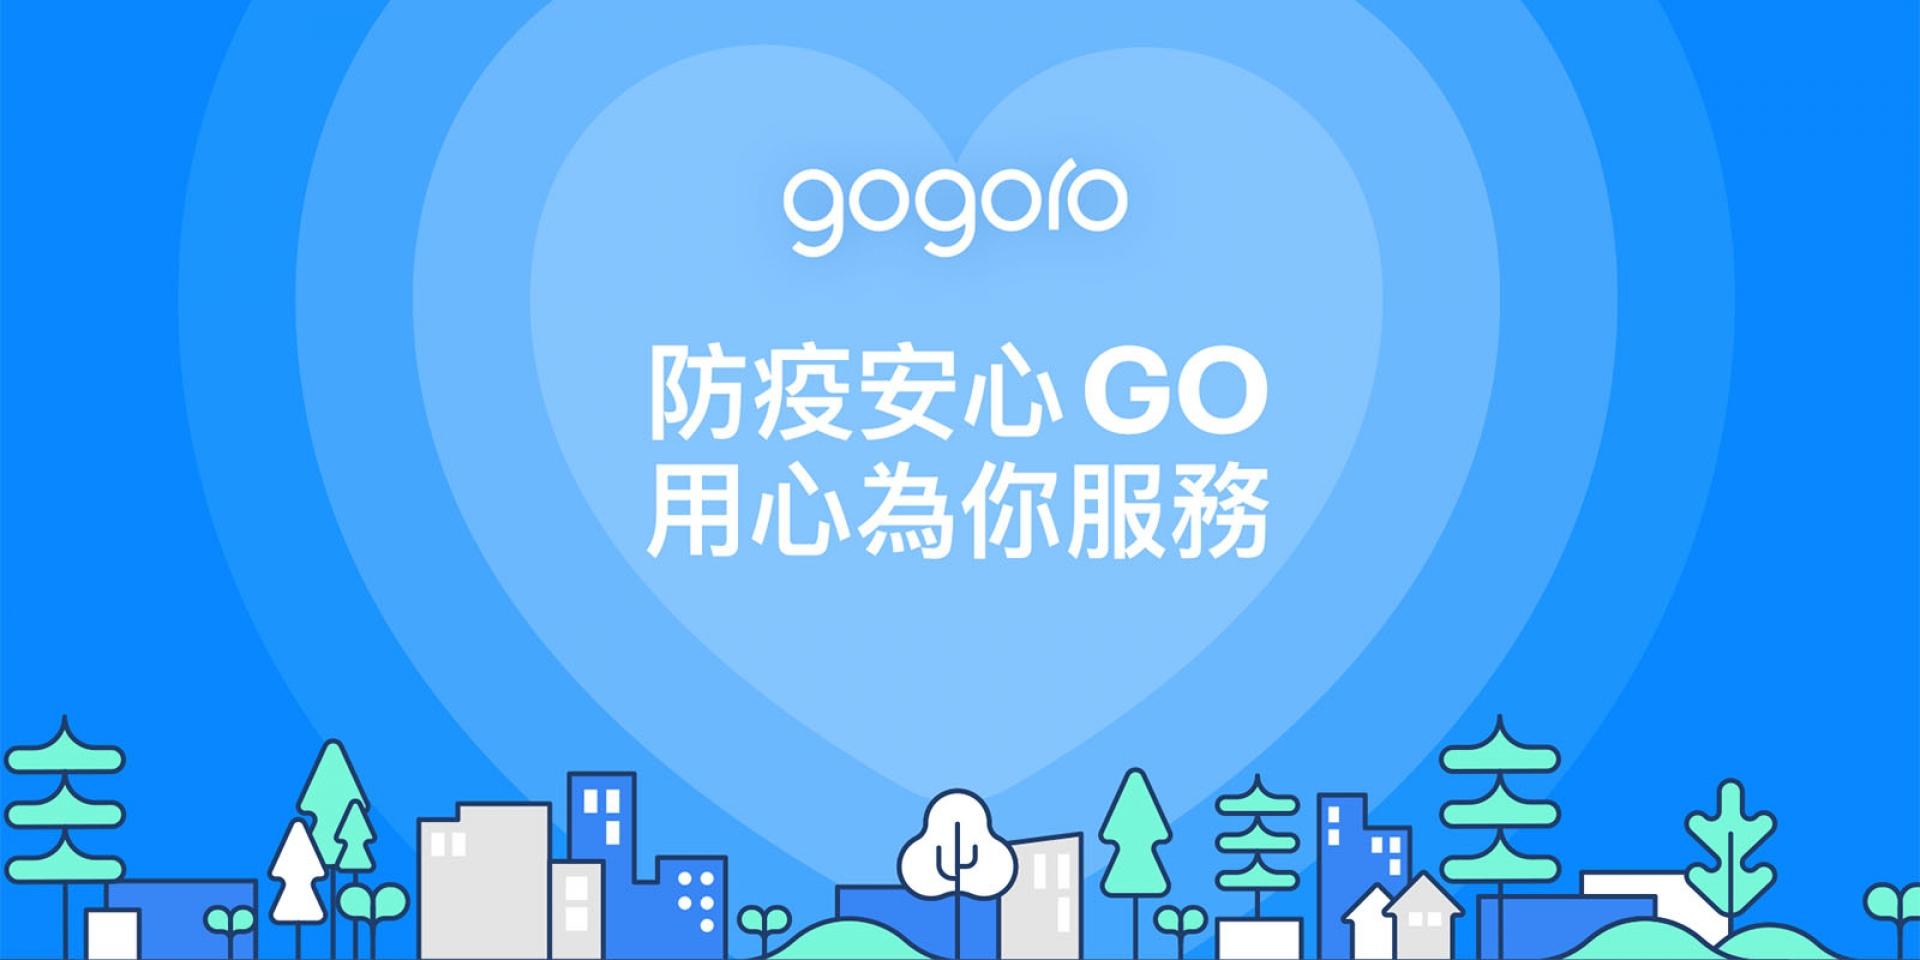 官方新聞稿。Gogoro® 啟動「防疫安心 GO,用心為你服務」 滾動式增加 GoStation® 消毒次數  多元資費供用戶彈性調整